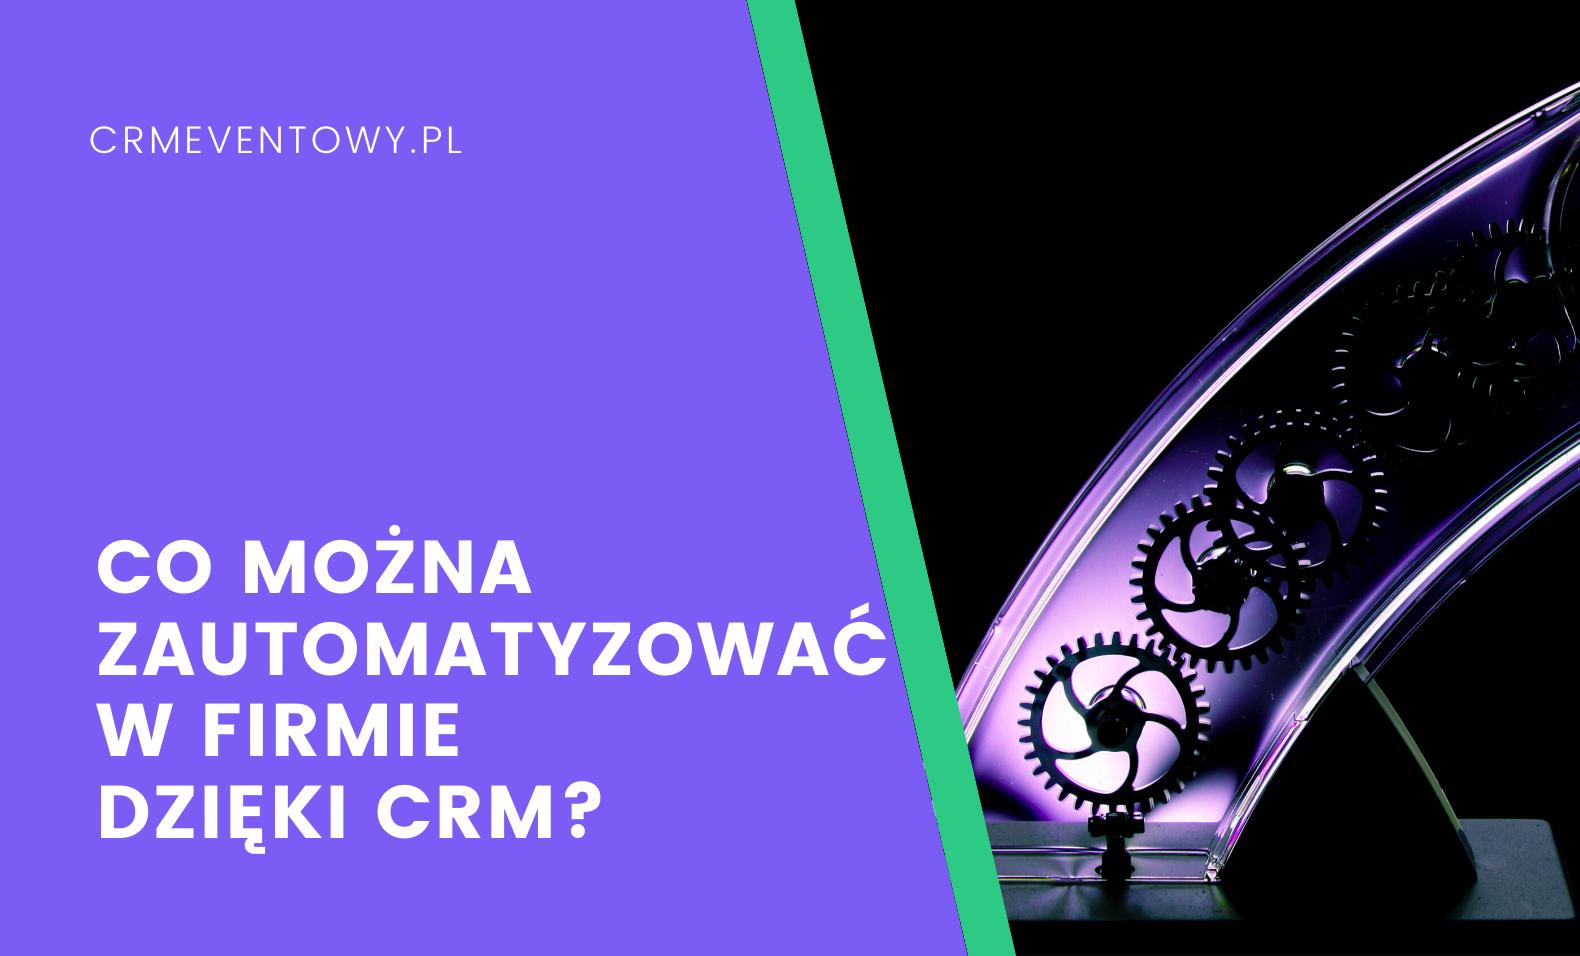 Co można zautomatyzować dzięki systemowi CRM?